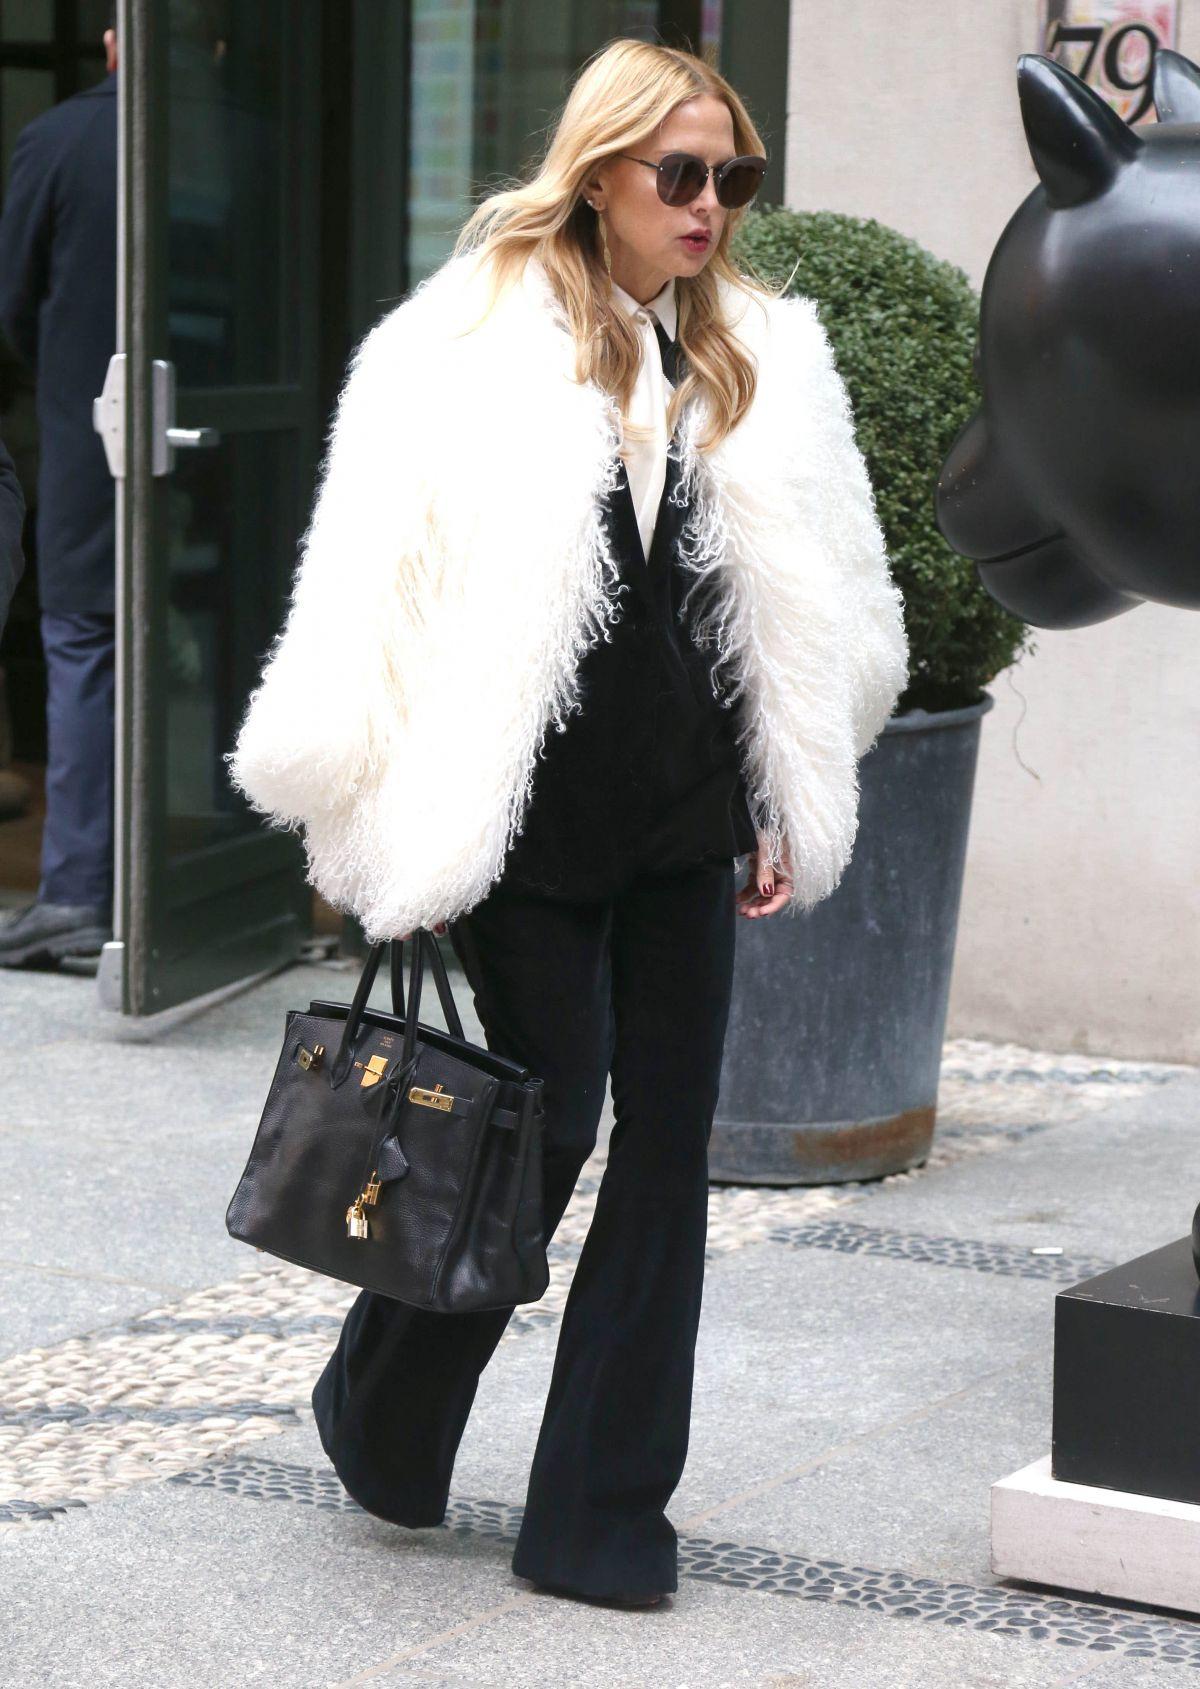 Rachel Zoe's Favorite Looks From New York Fashion Week 14